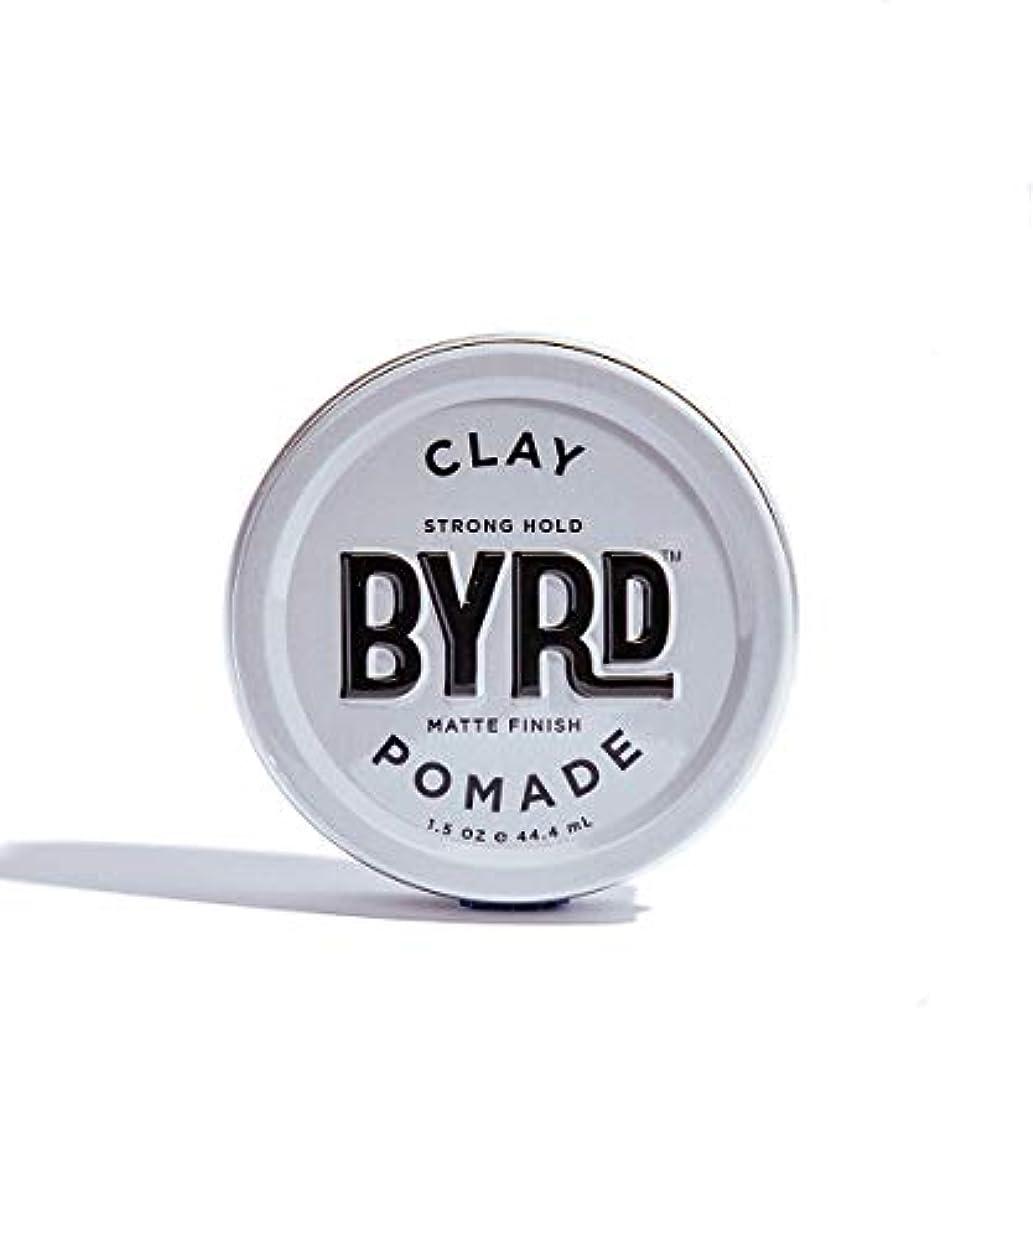 ローズシェトランド諸島尋ねるBYRD/クレイポマード 42g メンズコスメ ワックス ヘアスタイリング かっこいい モテ髪